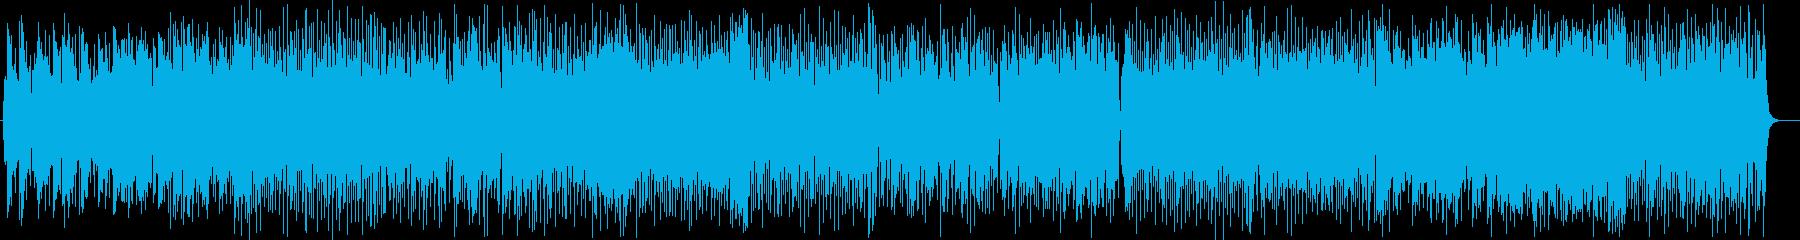 爽快で勢いのあるシンセピアノサウンドの再生済みの波形